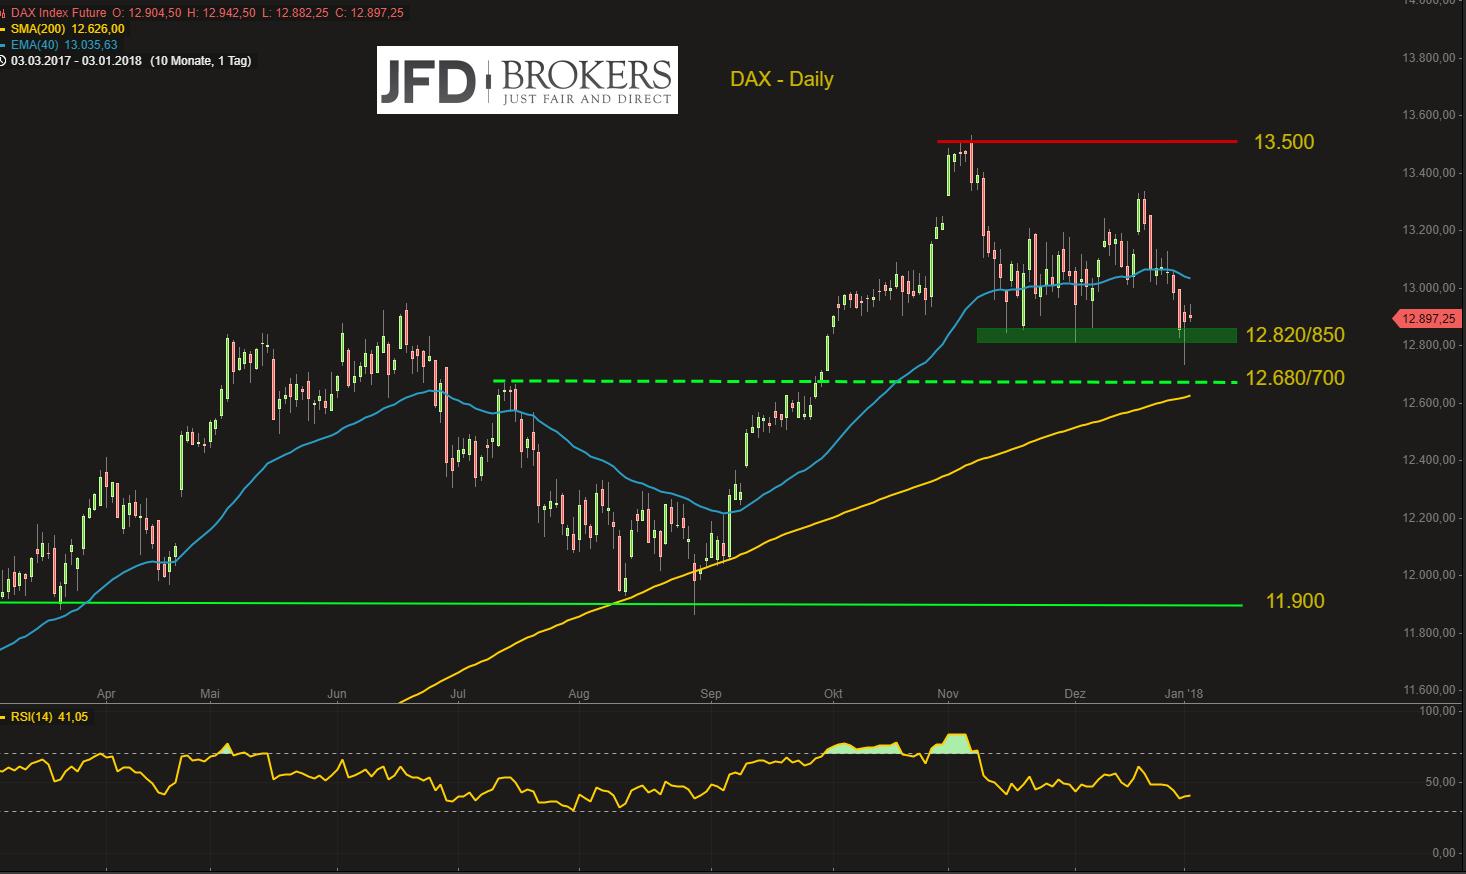 DAX-kann-sich-nach-wackligem-Jahresstart-fangen-Gefahr-zeitnaher-Abgaben-aber-weiter-gegeben-Kommentar-JFD-Brokers-GodmodeTrader.de-2